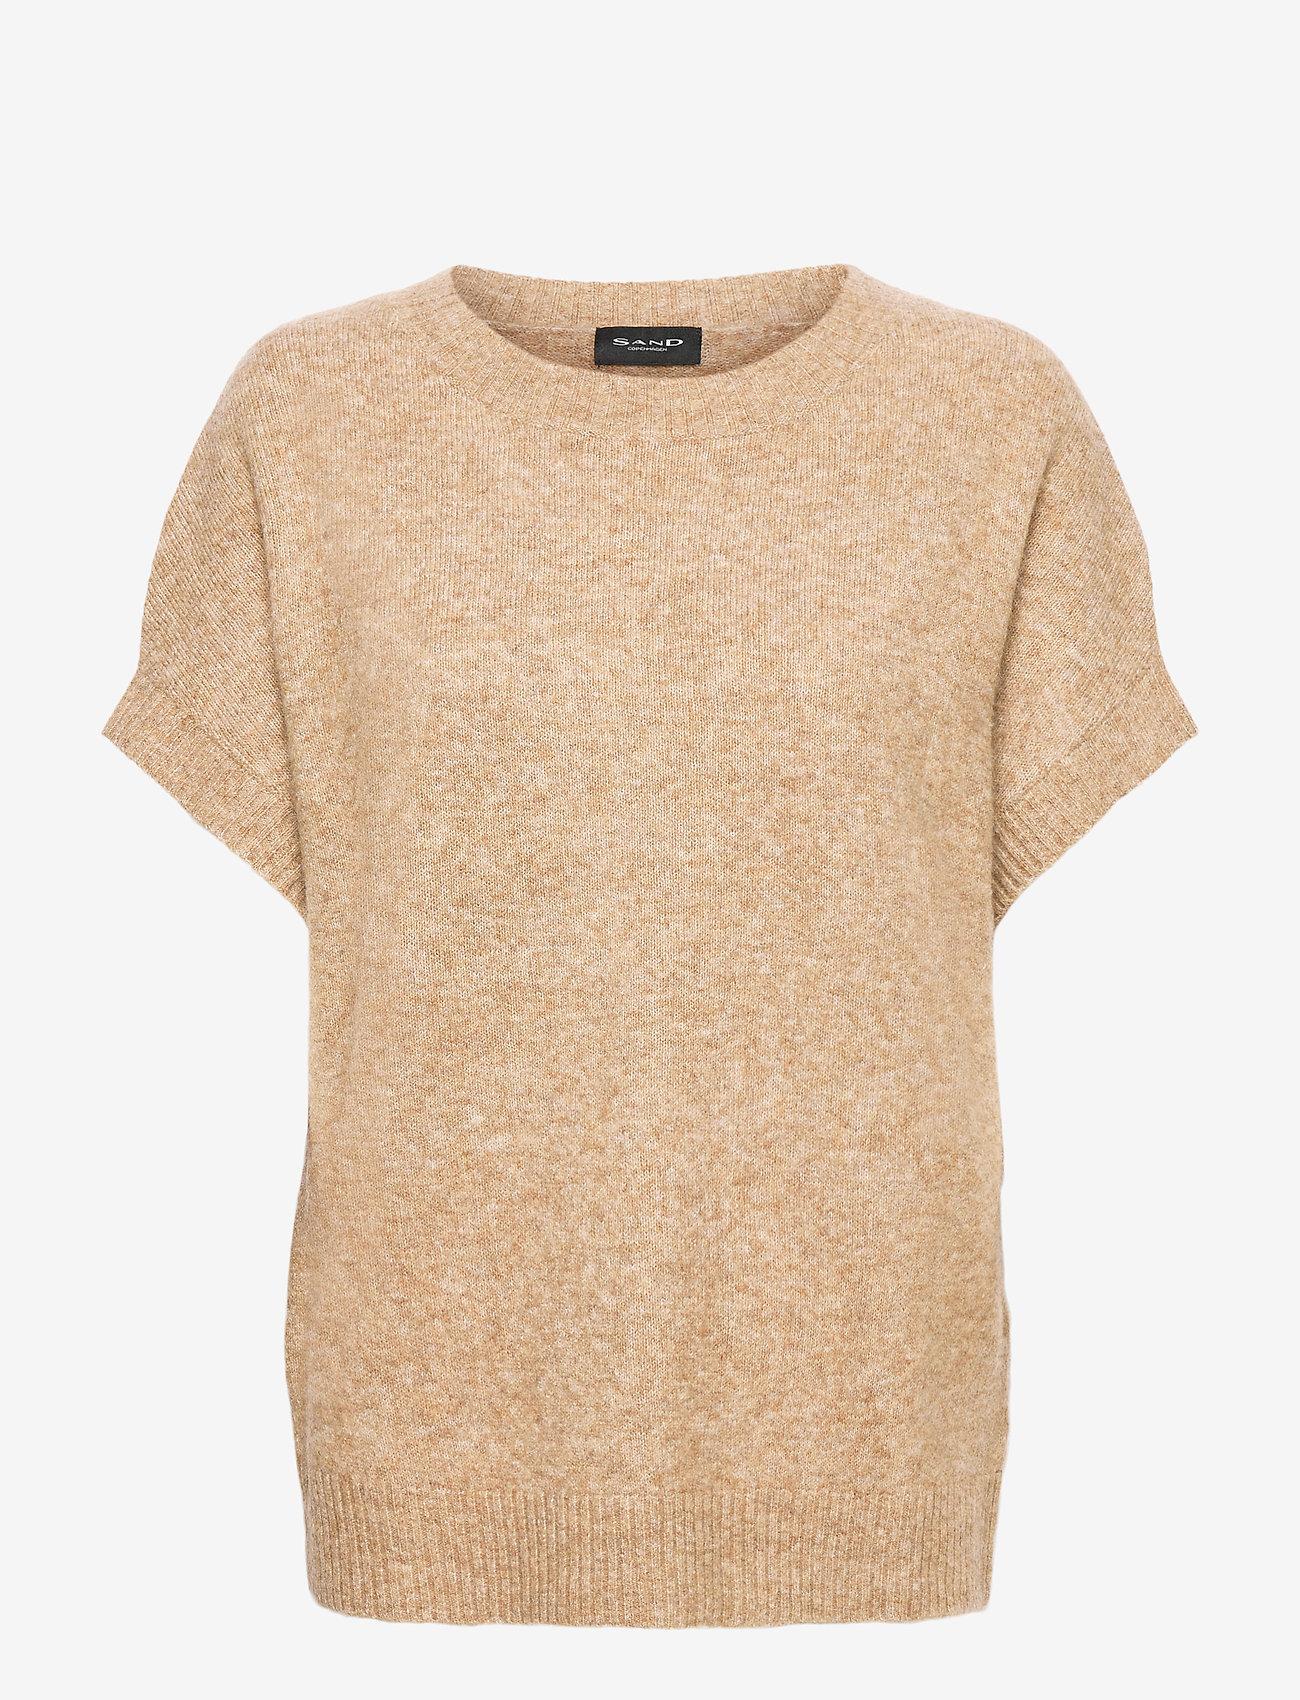 SAND - 5210 - Izadi - hauts tricotés - camel - 0